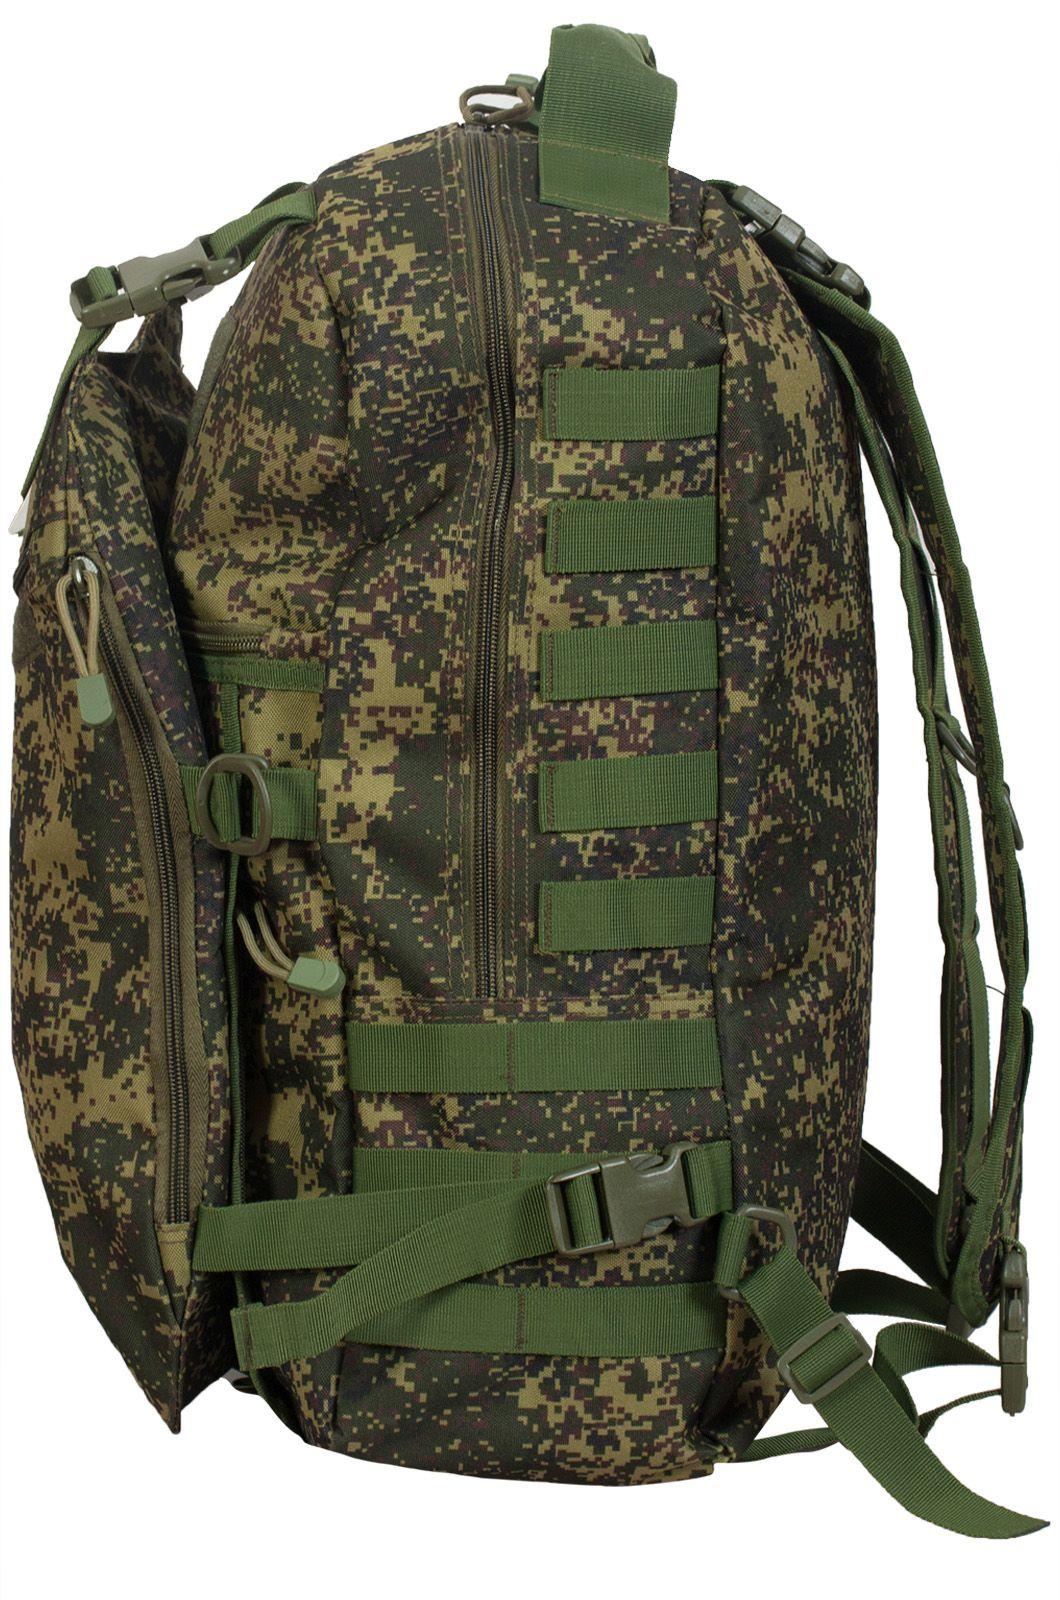 Рейдовый рюкзак камуфляж Цифра с эмблемой МВД заказать в Военпро